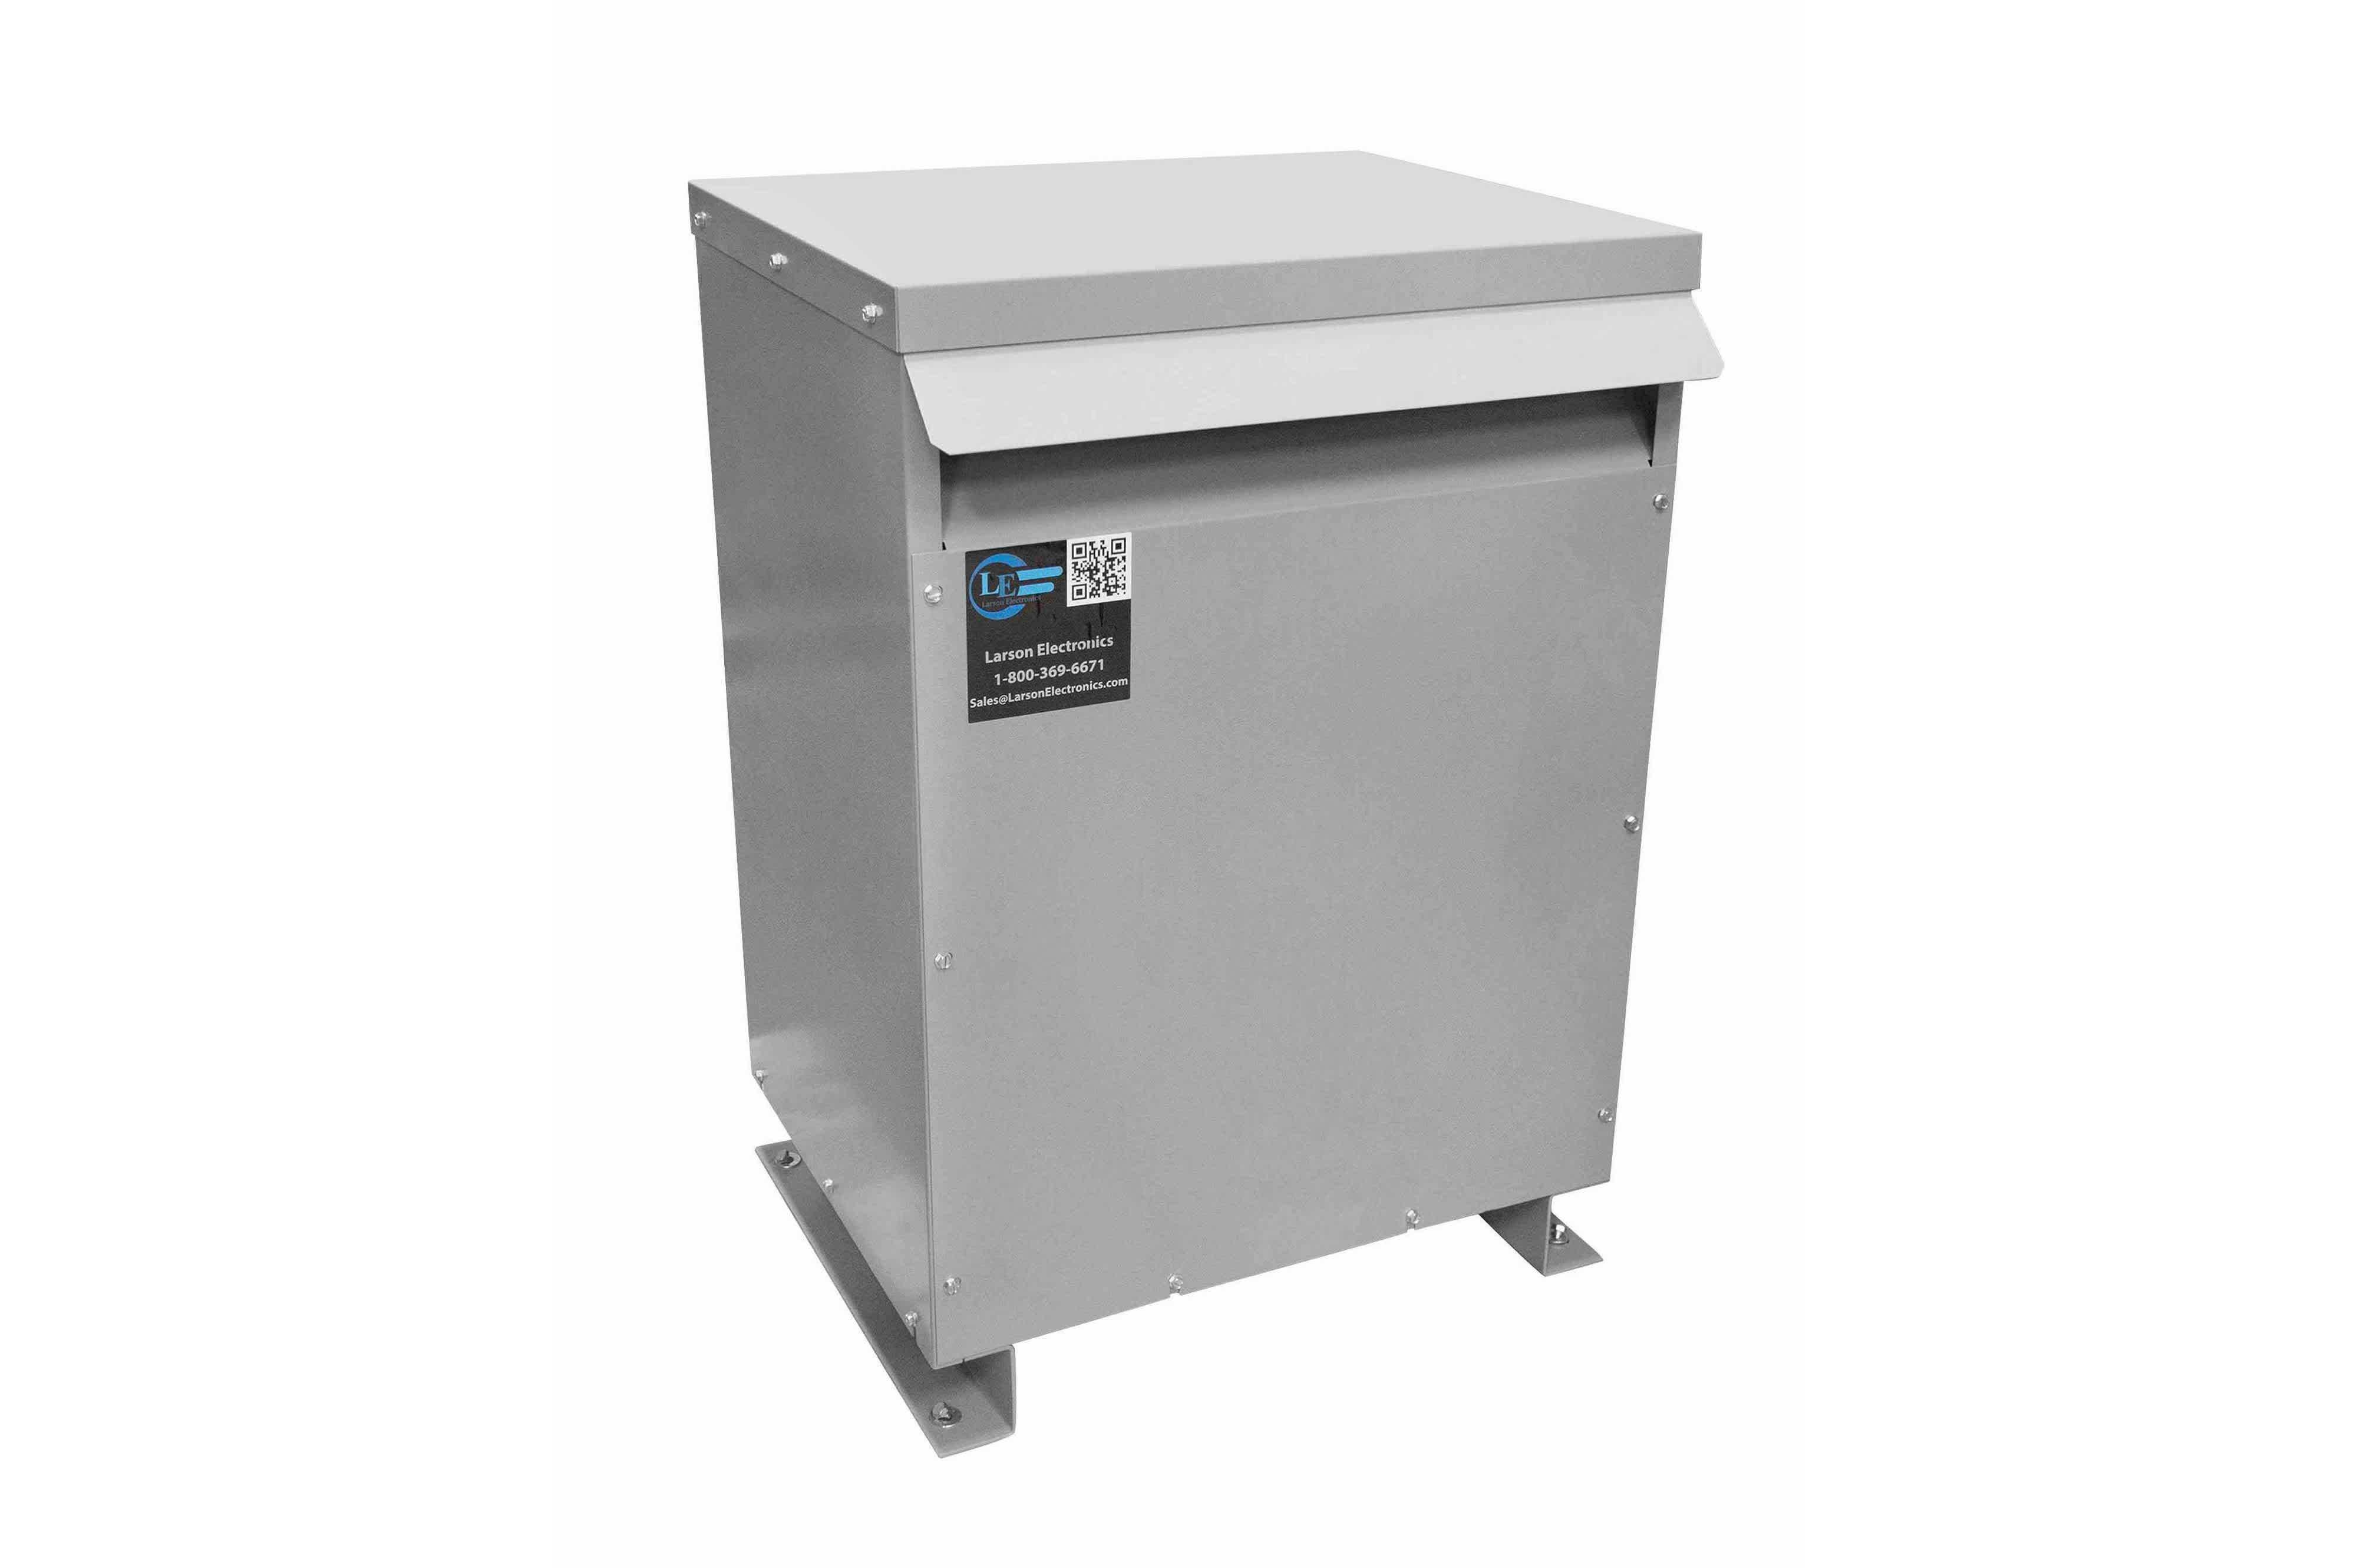 65 kVA 3PH Isolation Transformer, 208V Delta Primary, 208V Delta Secondary, N3R, Ventilated, 60 Hz